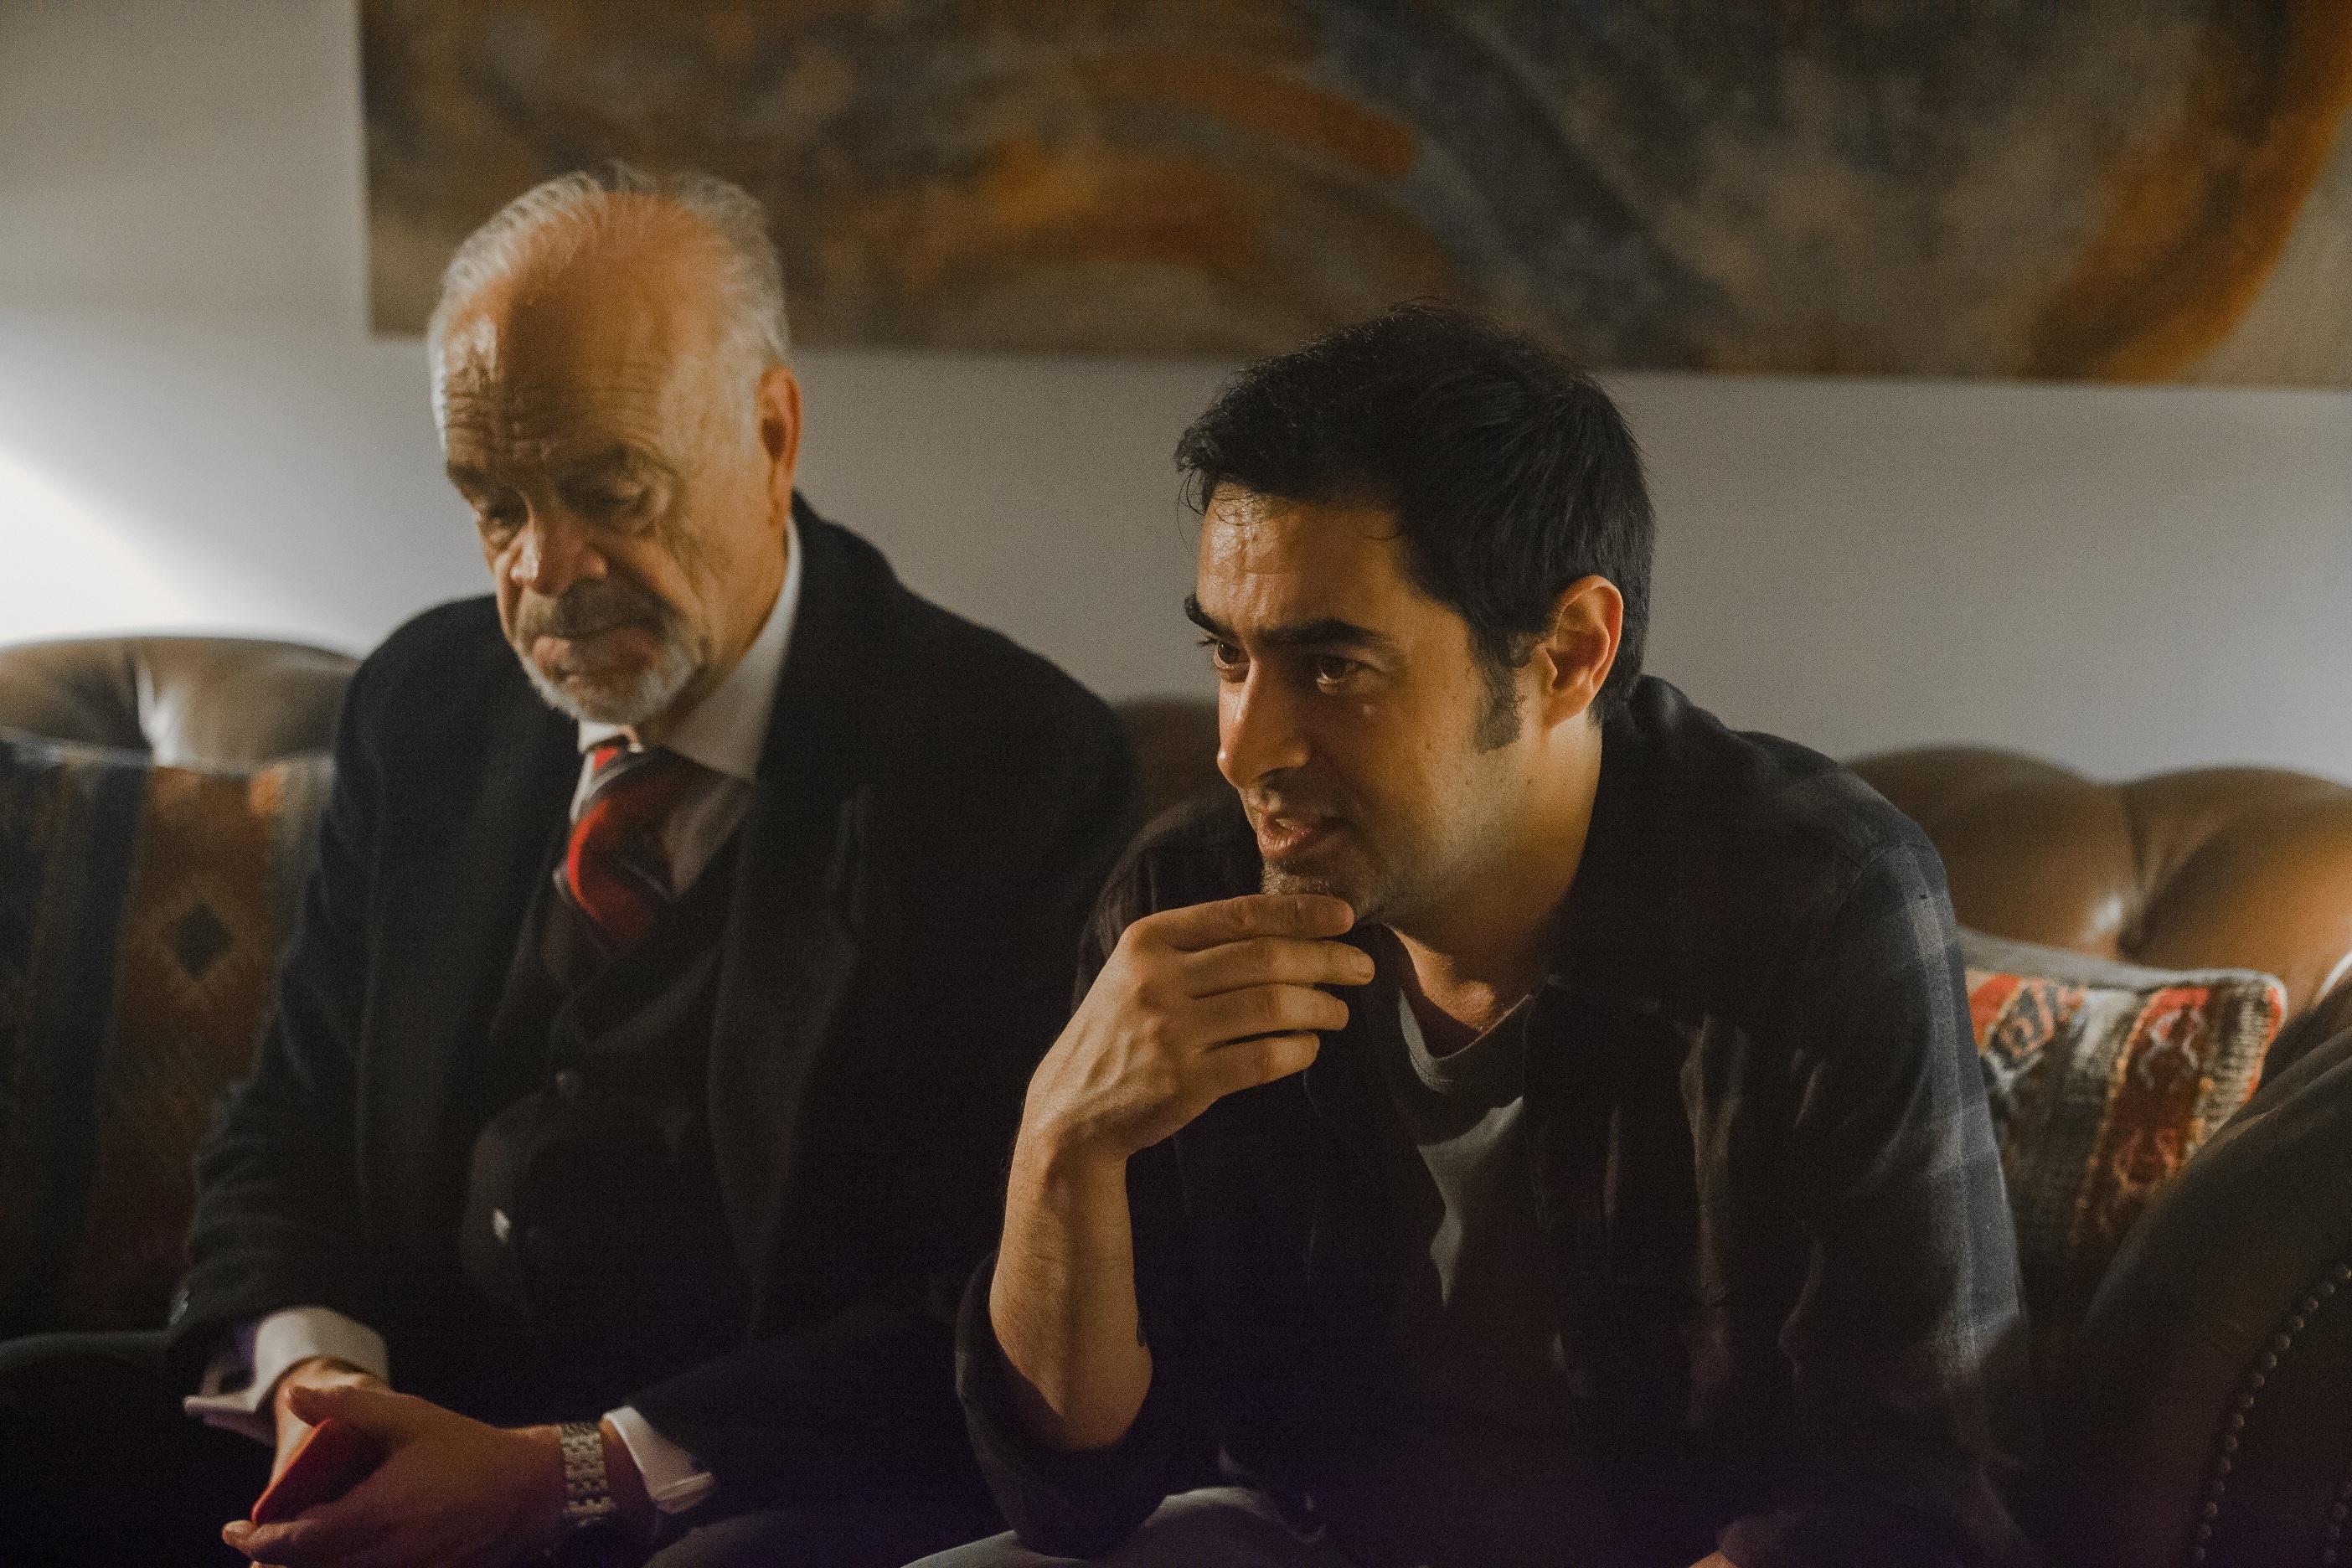 بازیگری محبوب پس از سالها دوری در فجر ۳۸/ «آن شب»; فیلمی معمایی و رمزآلود